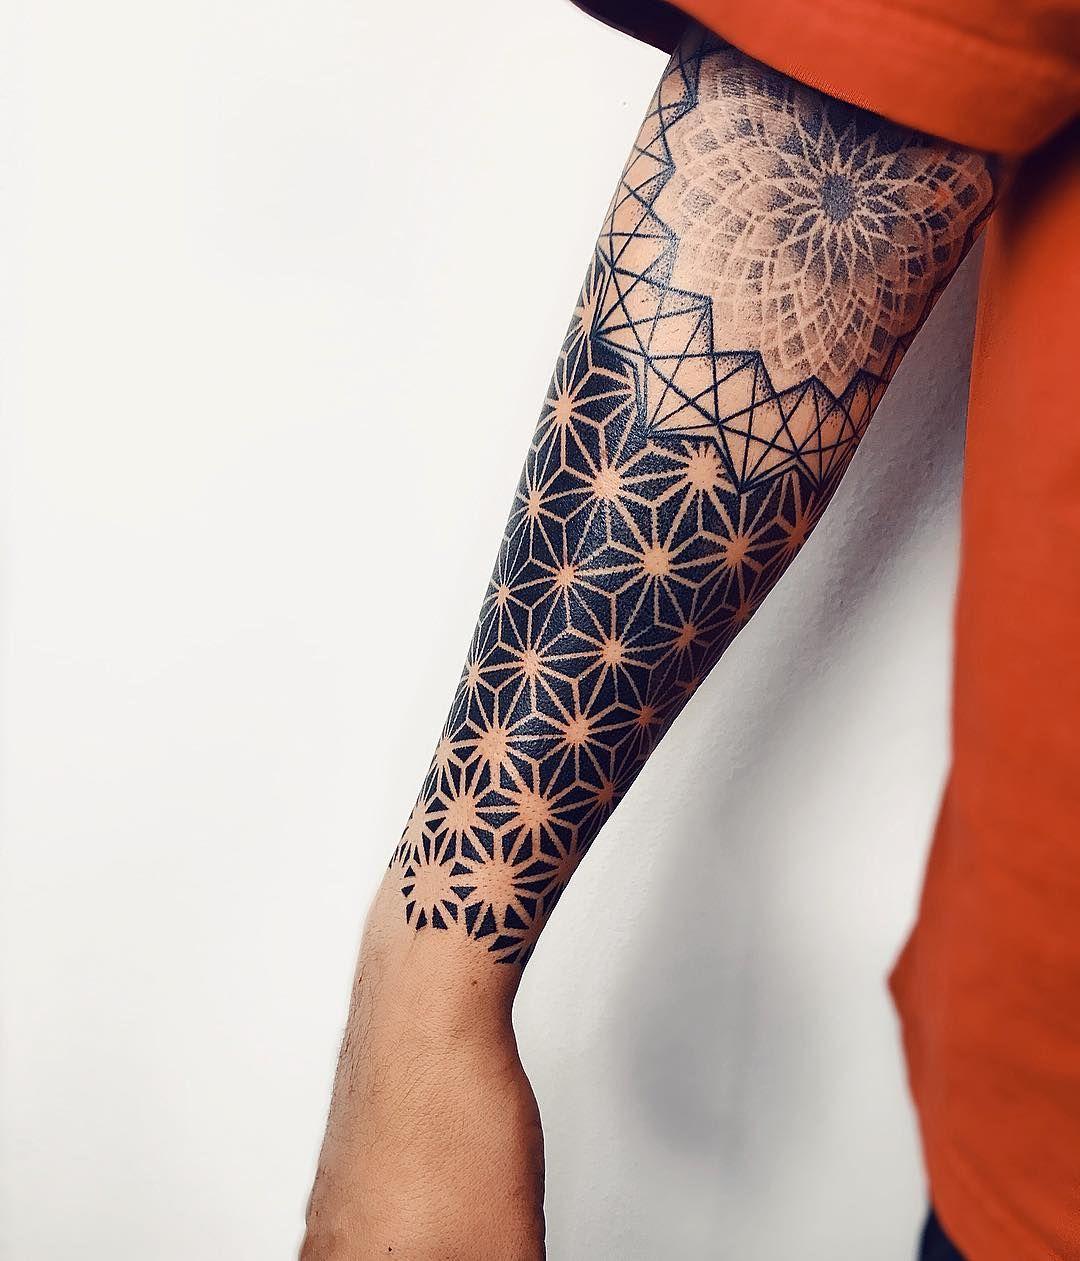 pin von ink about you auf geometric tattoos pinterest tattoo ideen geometrische tattoos und. Black Bedroom Furniture Sets. Home Design Ideas